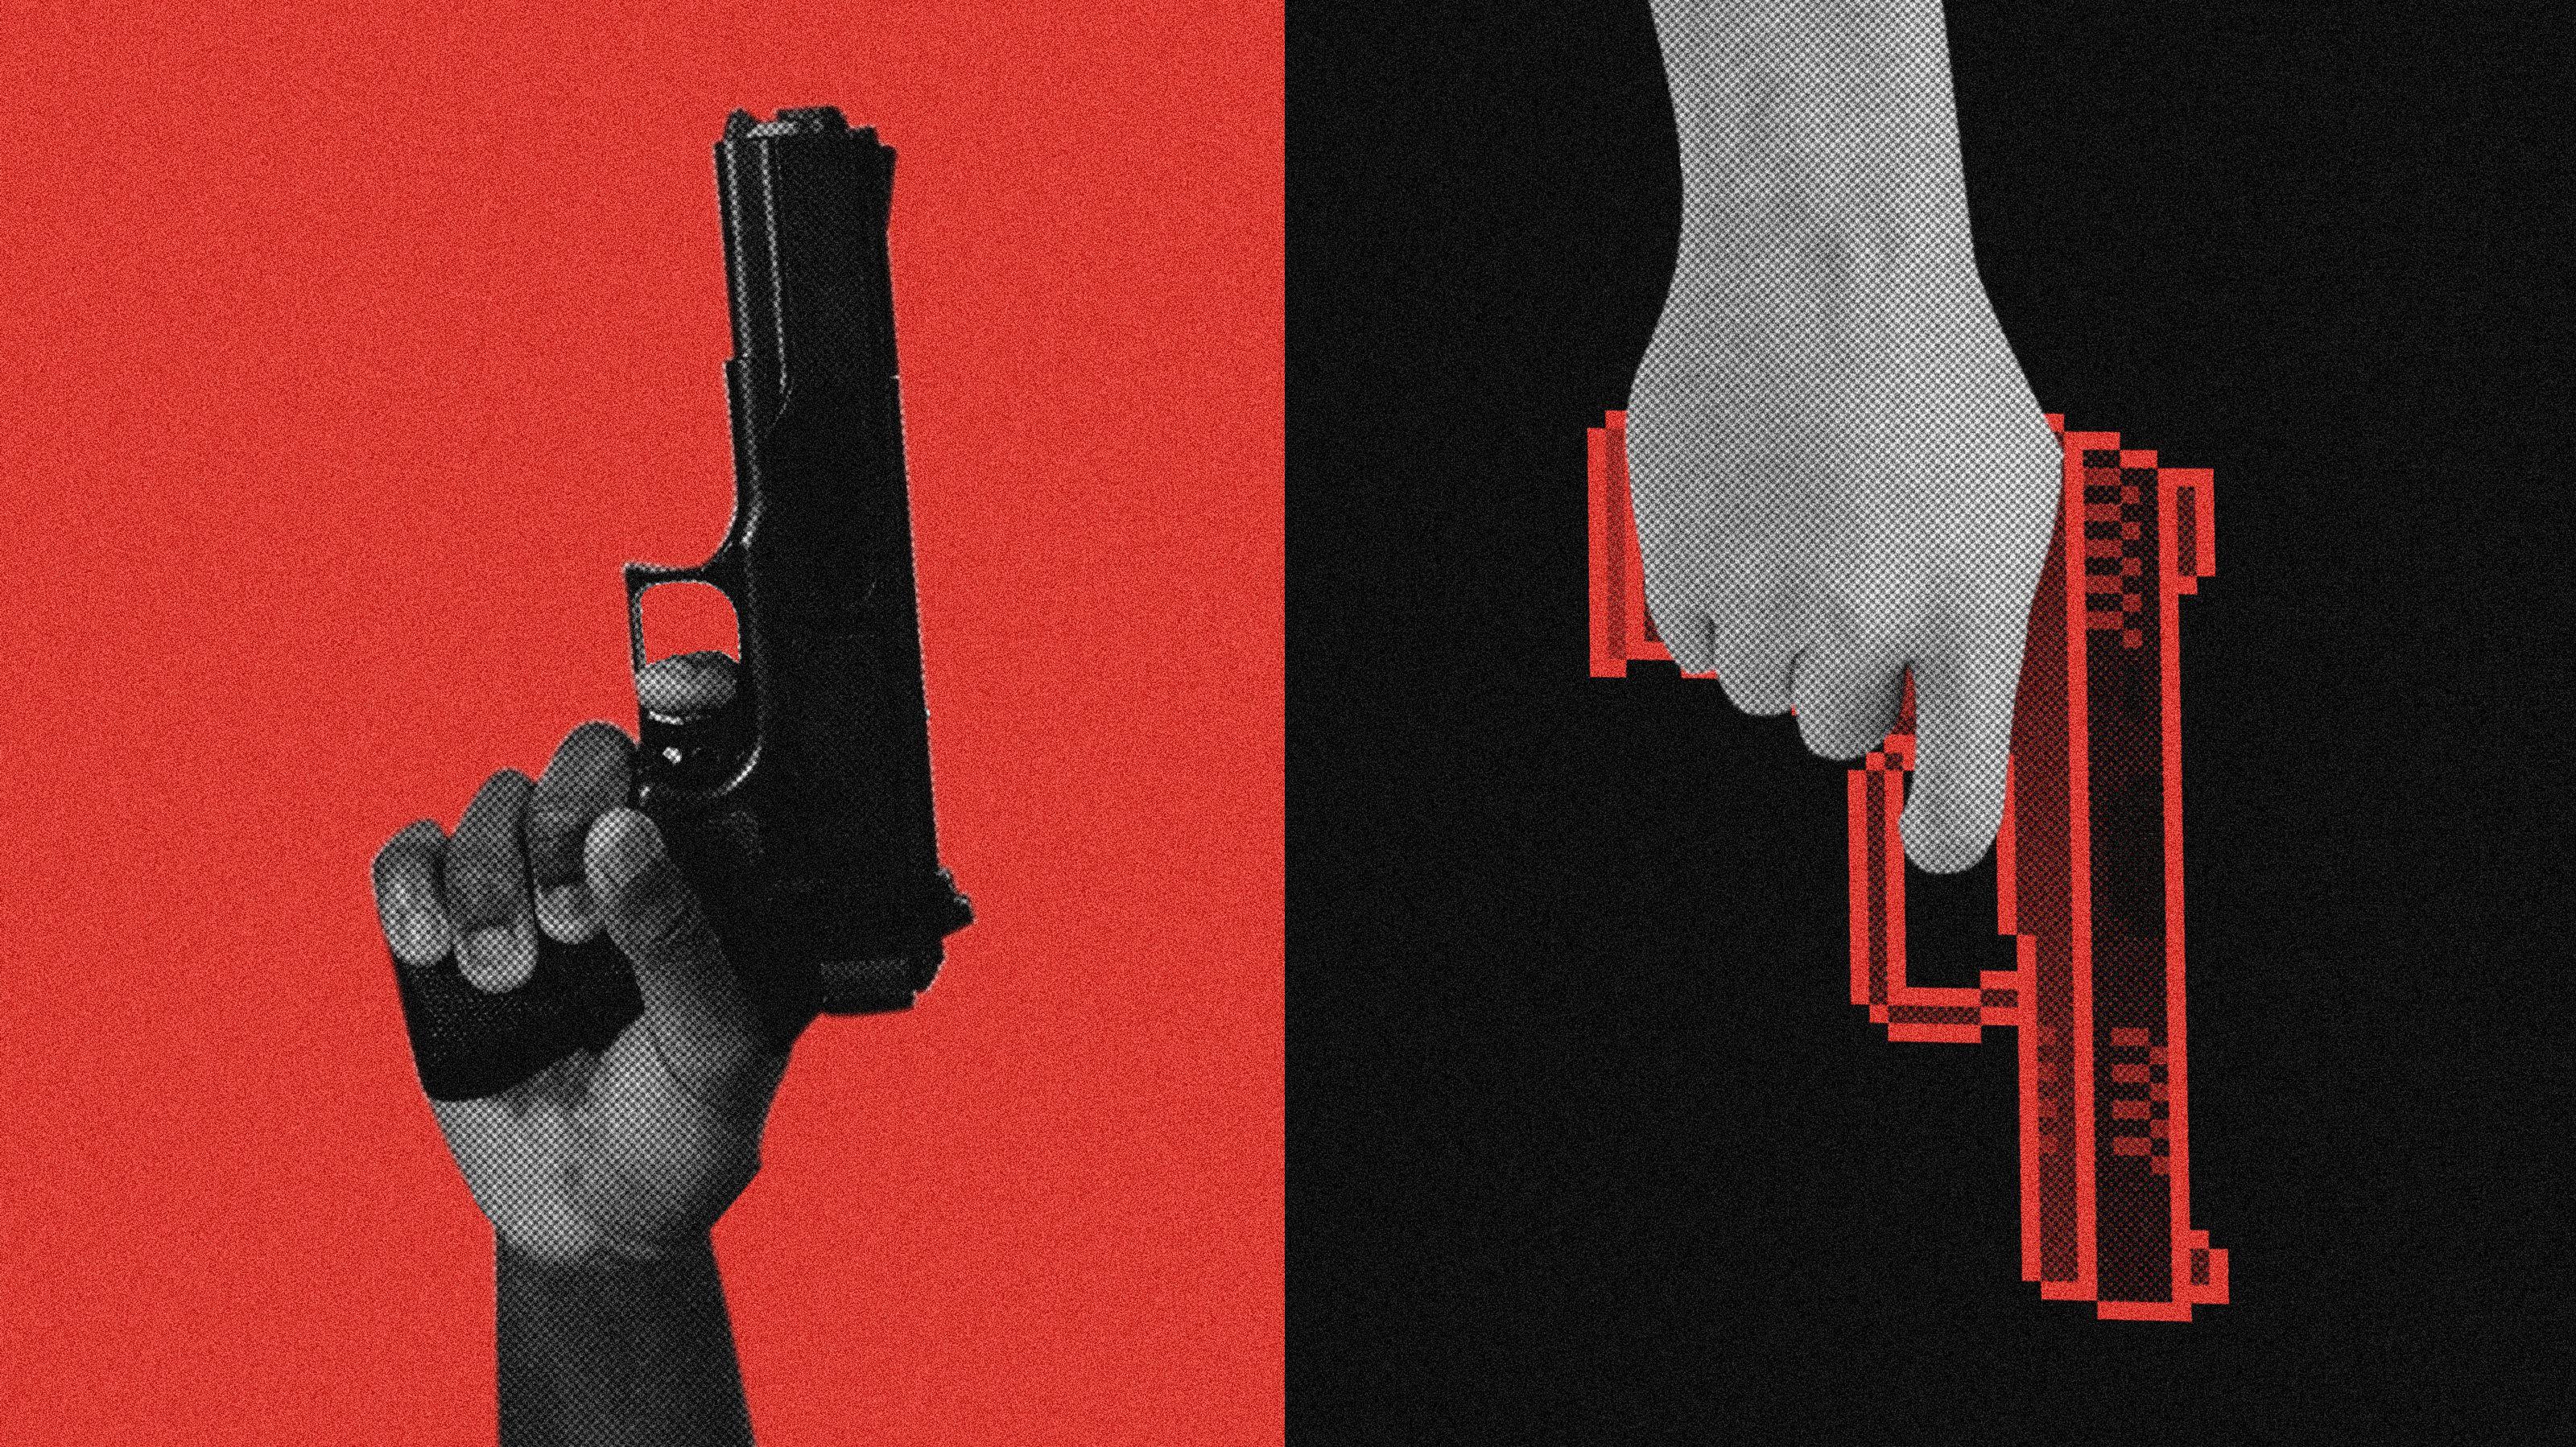 「ゲームが犯罪の元凶」は人種差別の隠れ蓑だった